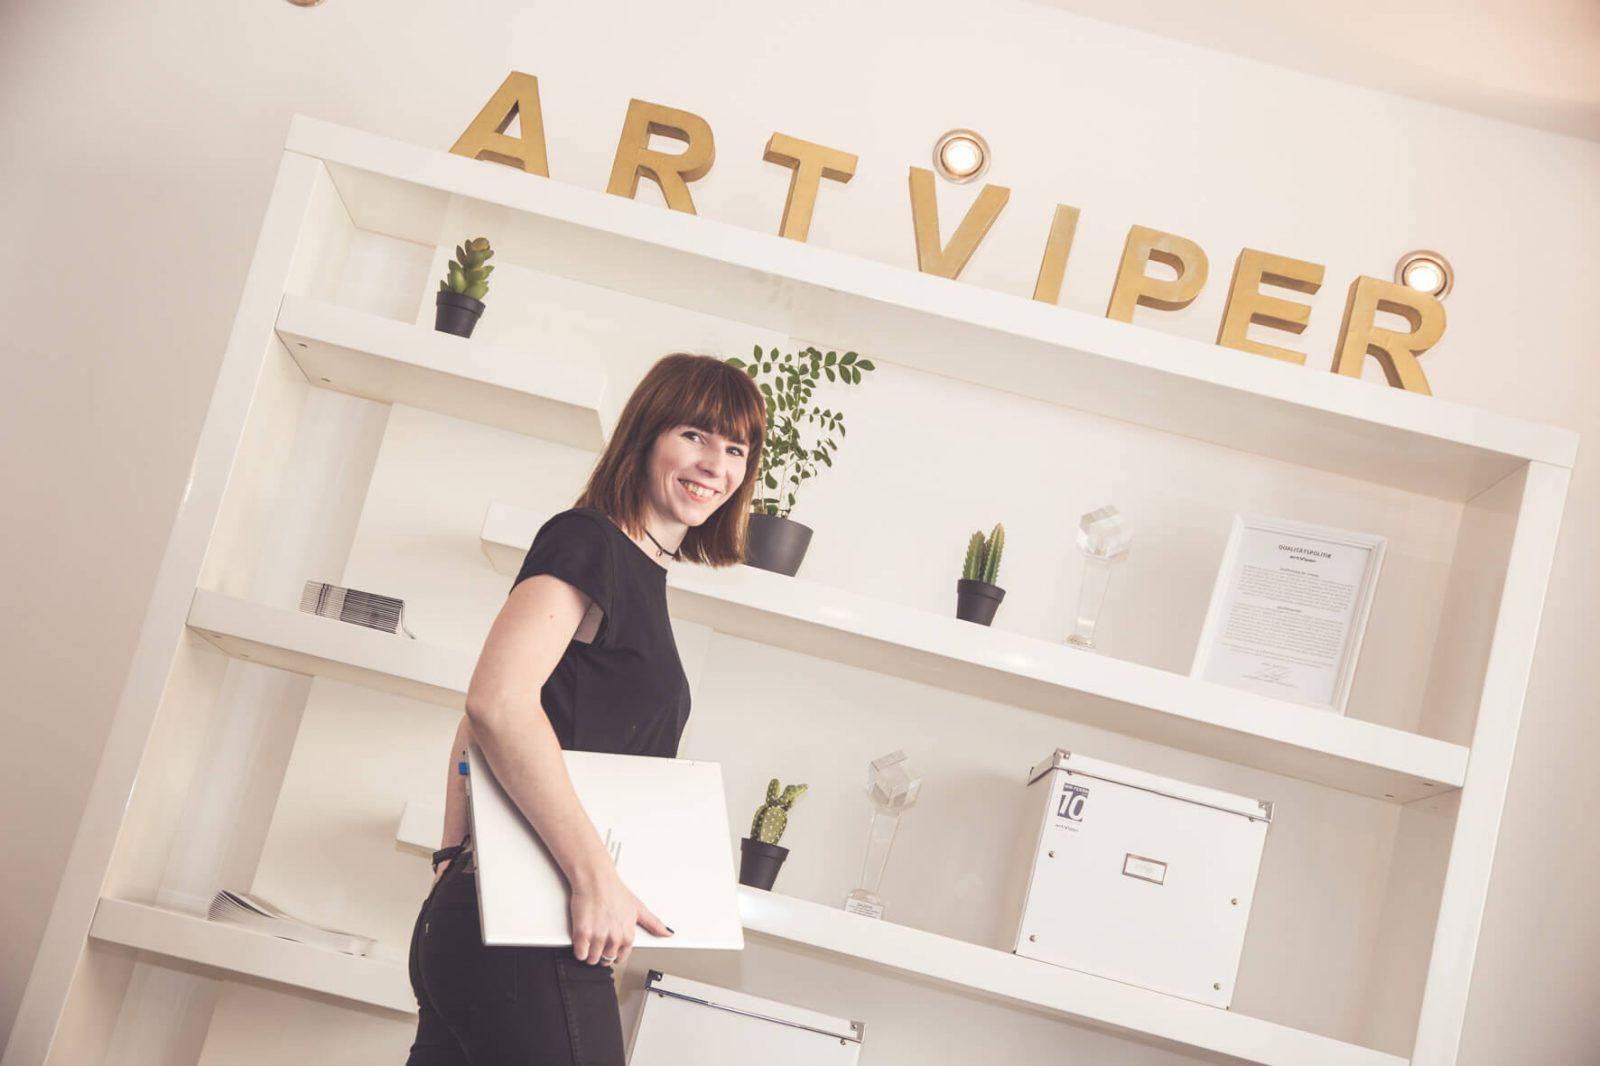 Grafikdesign Ihrer Drucksachen und clevere Gestaltung Ihrer Online-Werbung - wir übernehmen :-)